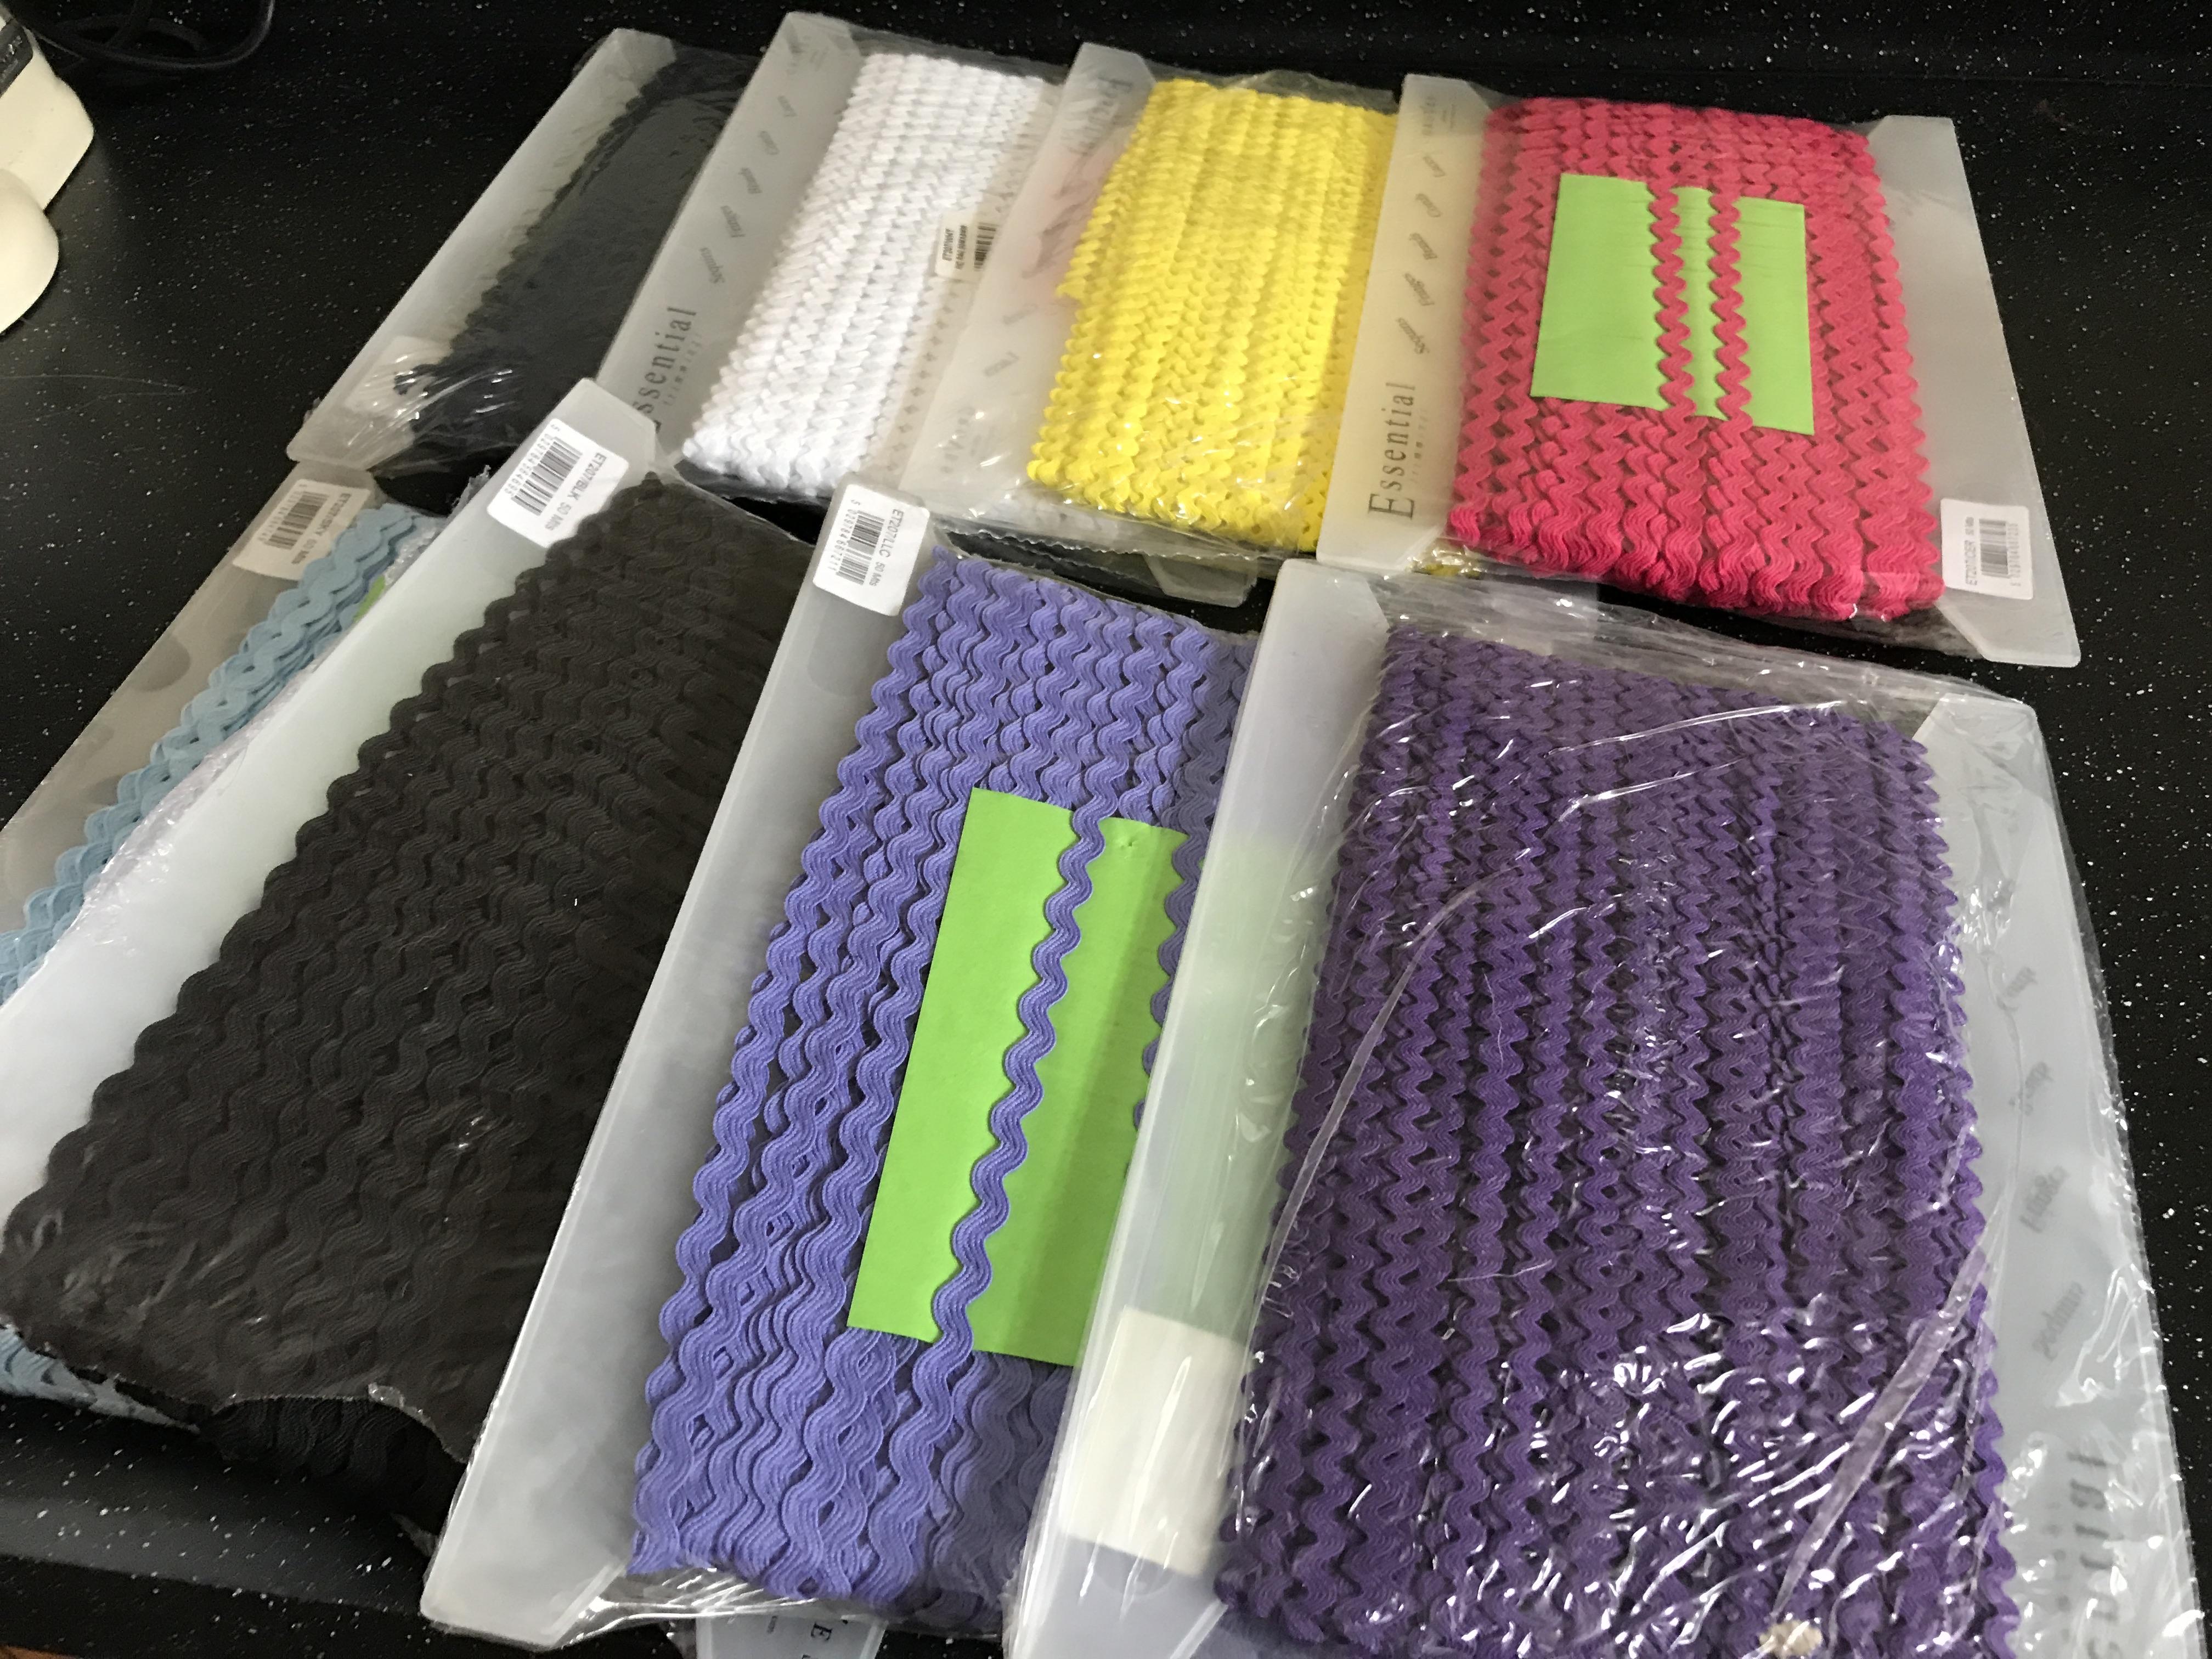 8 sealed packs of Ric Rac Ribbon 8mm width, 50 metres per pack.